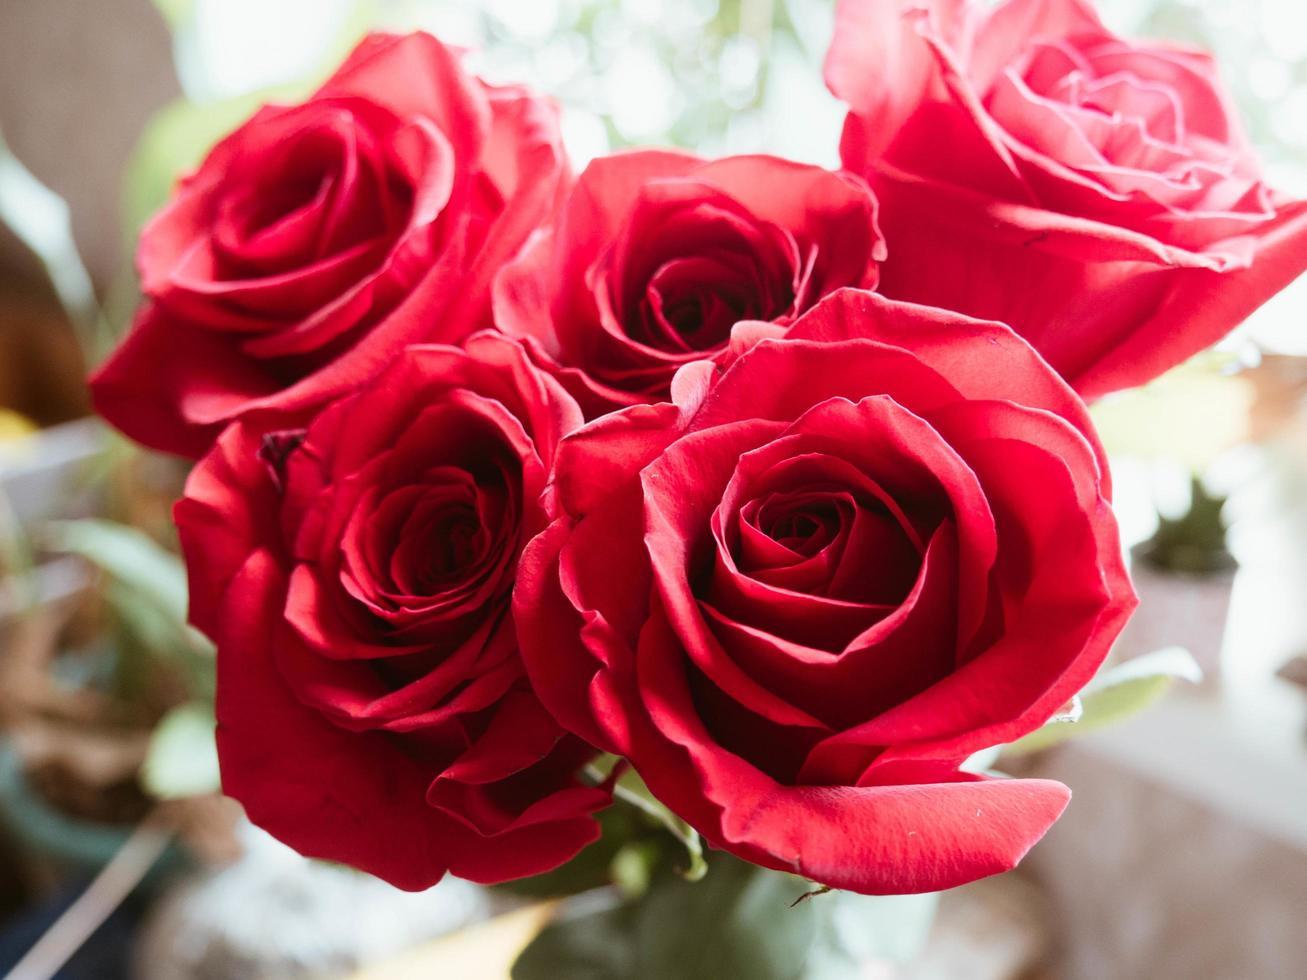 rode roos boeket foto